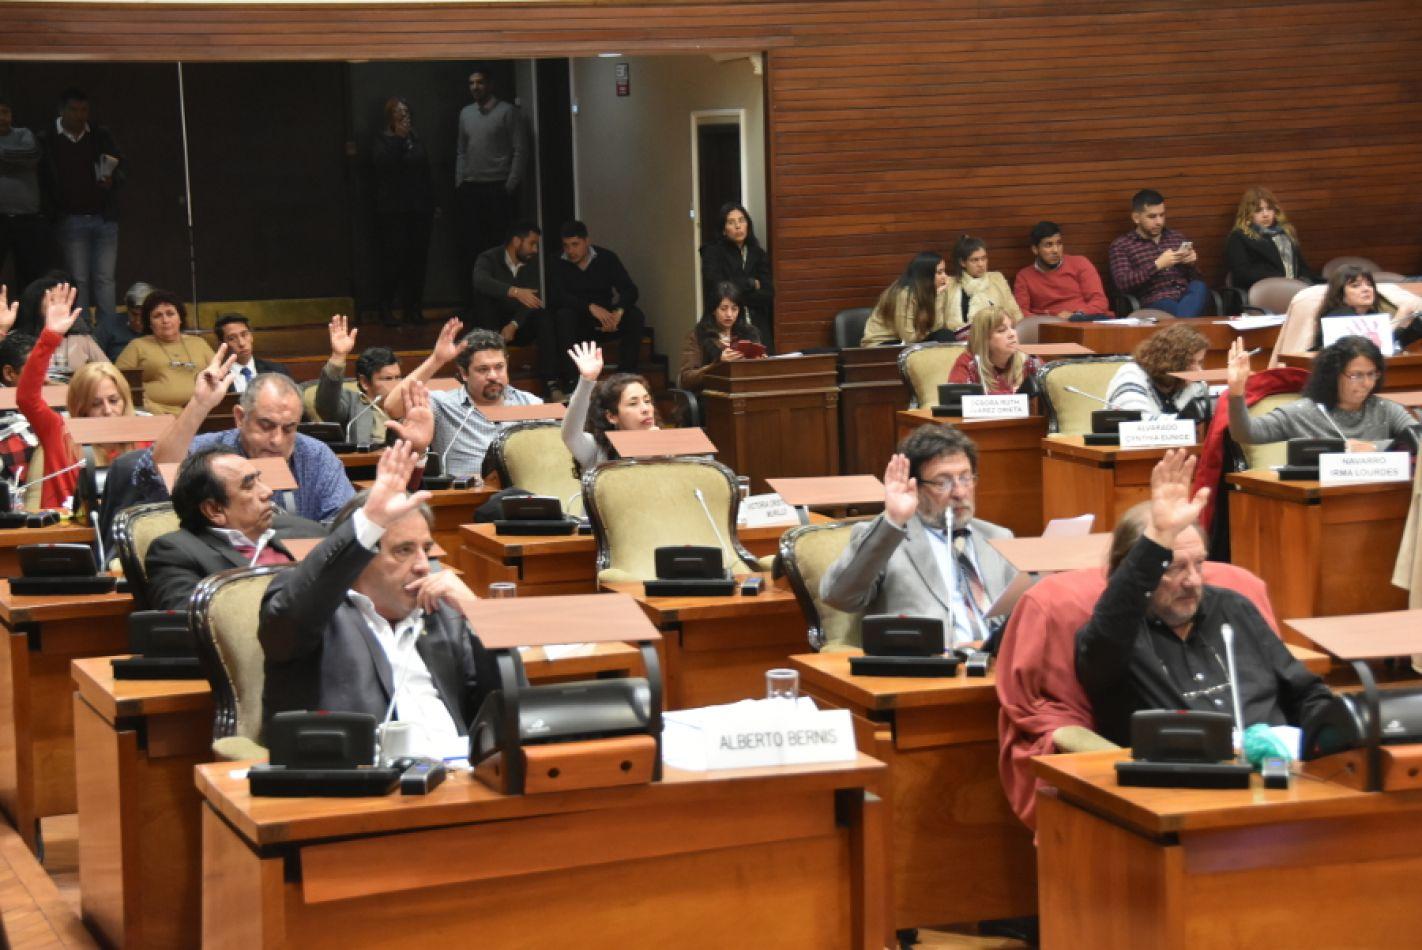 Foto: Legislaturajujuy.gov.ar. Sesión de ayer